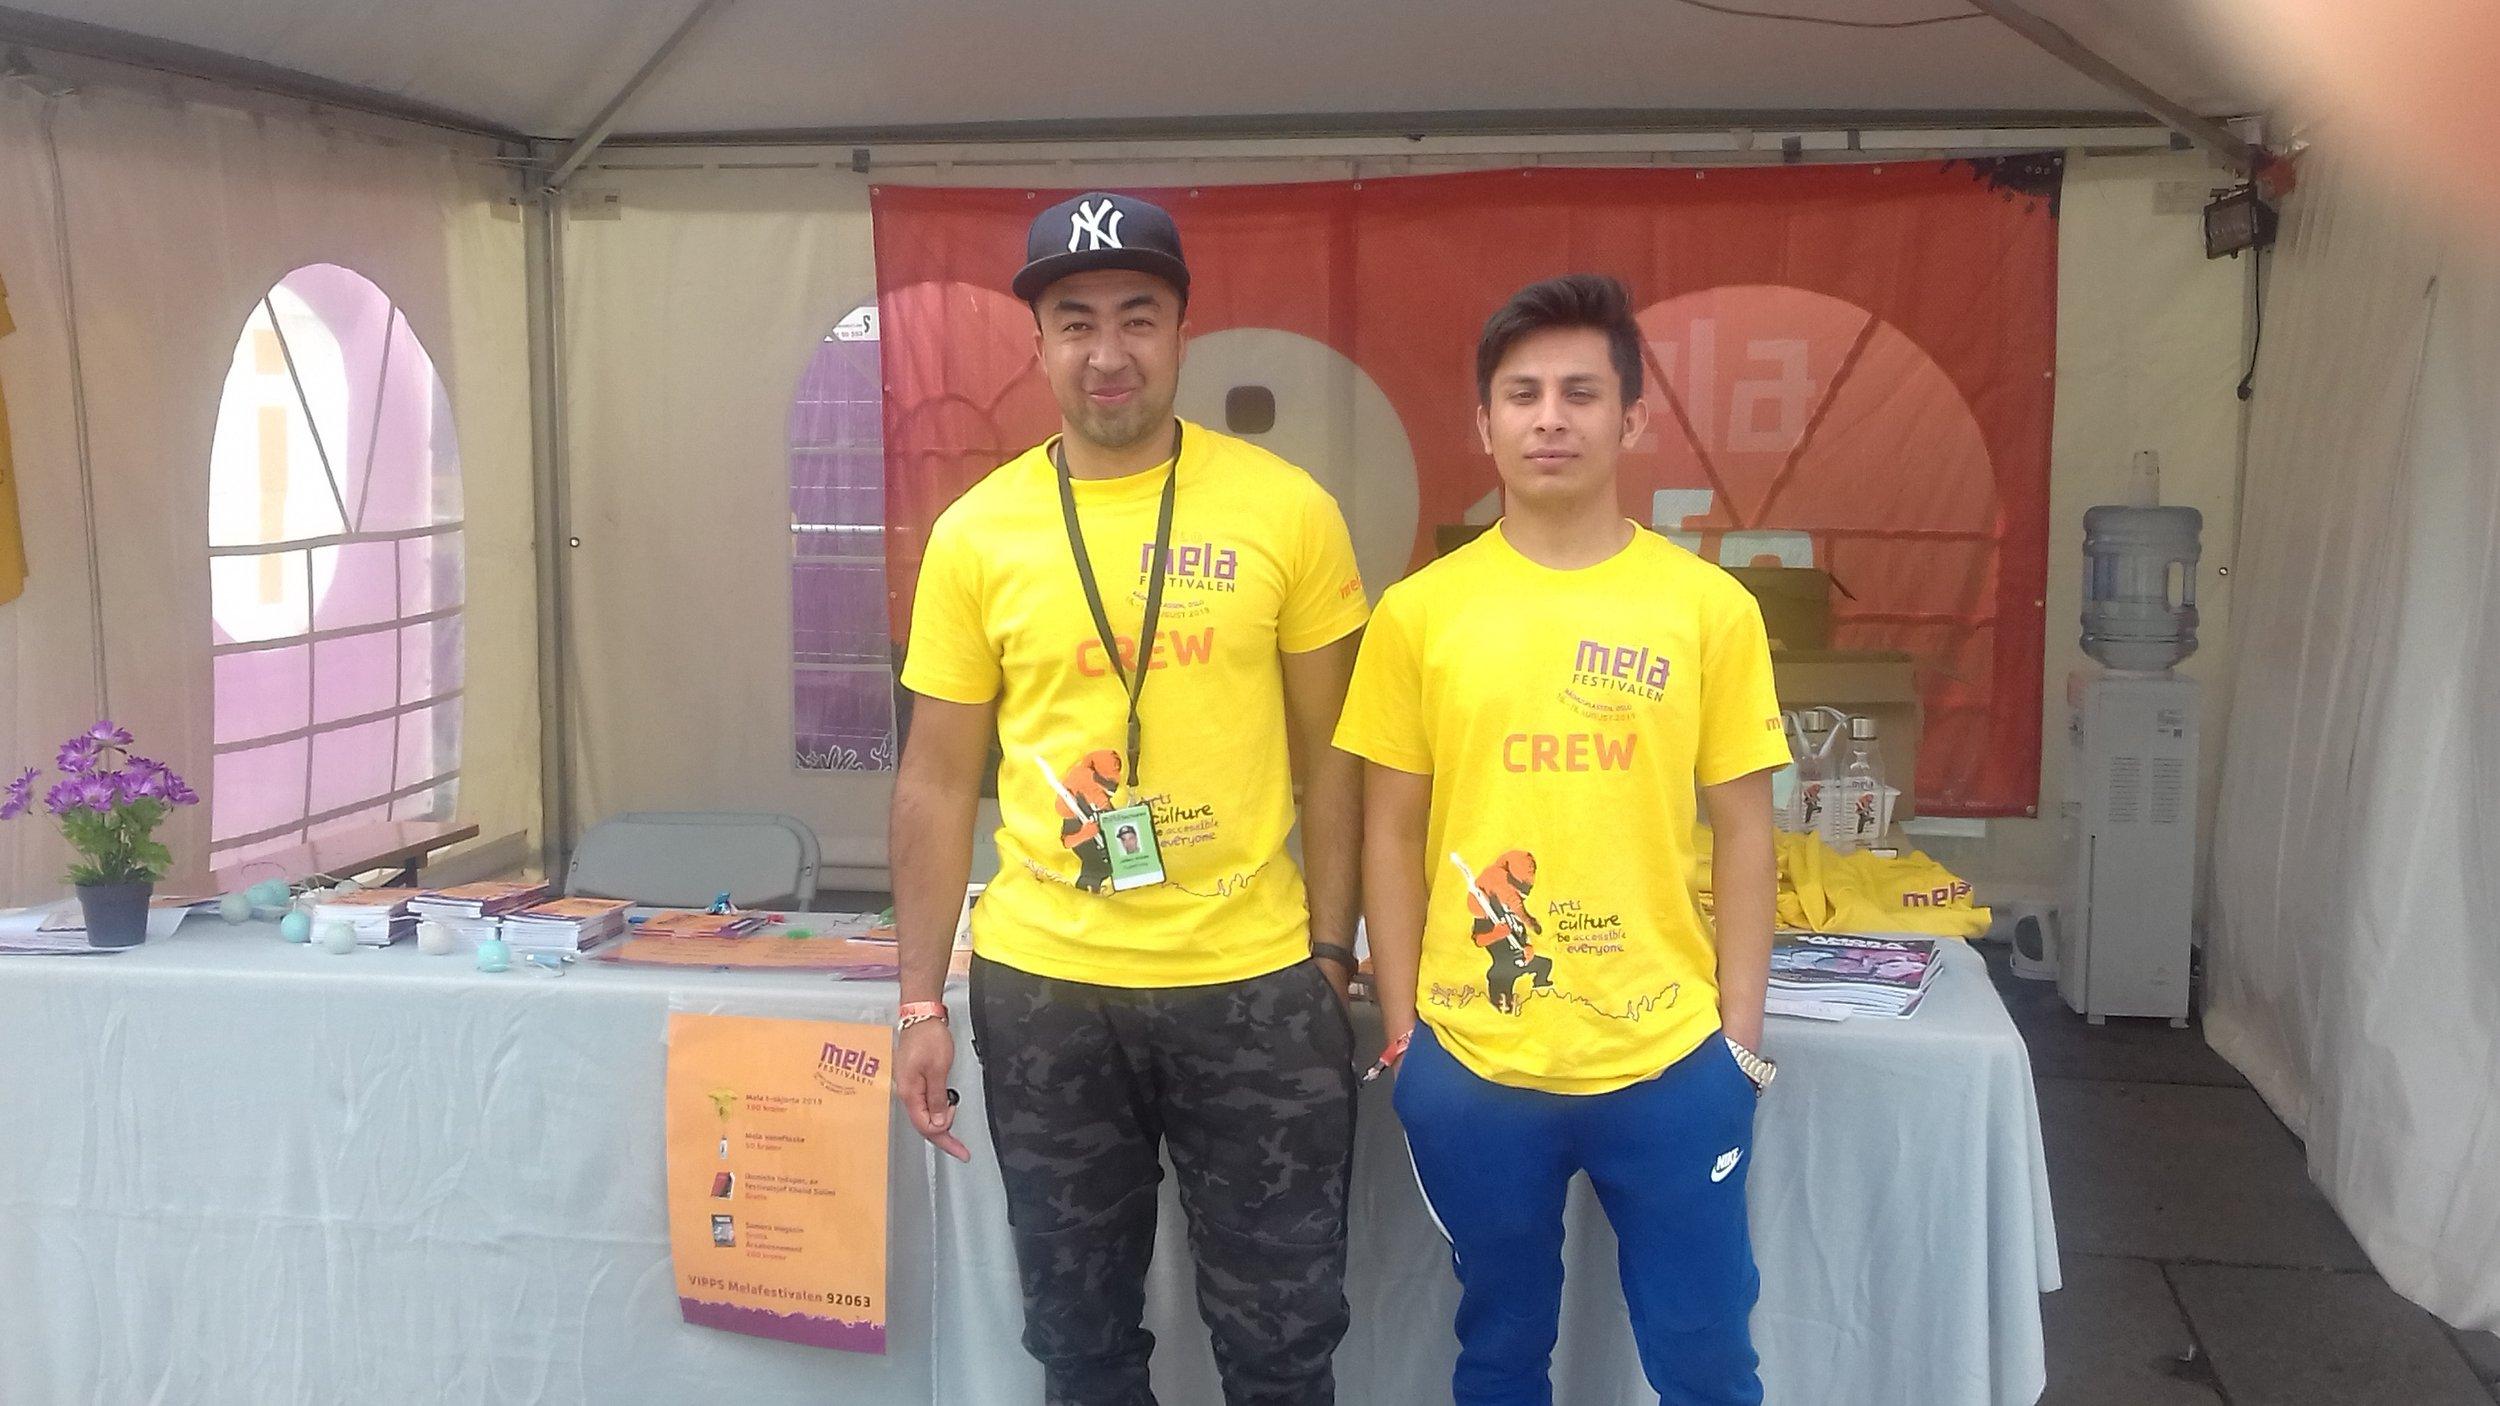 Abbas og Saeedulla 18.aug 2019 på mela festivalen står på informasjons stand.jpg